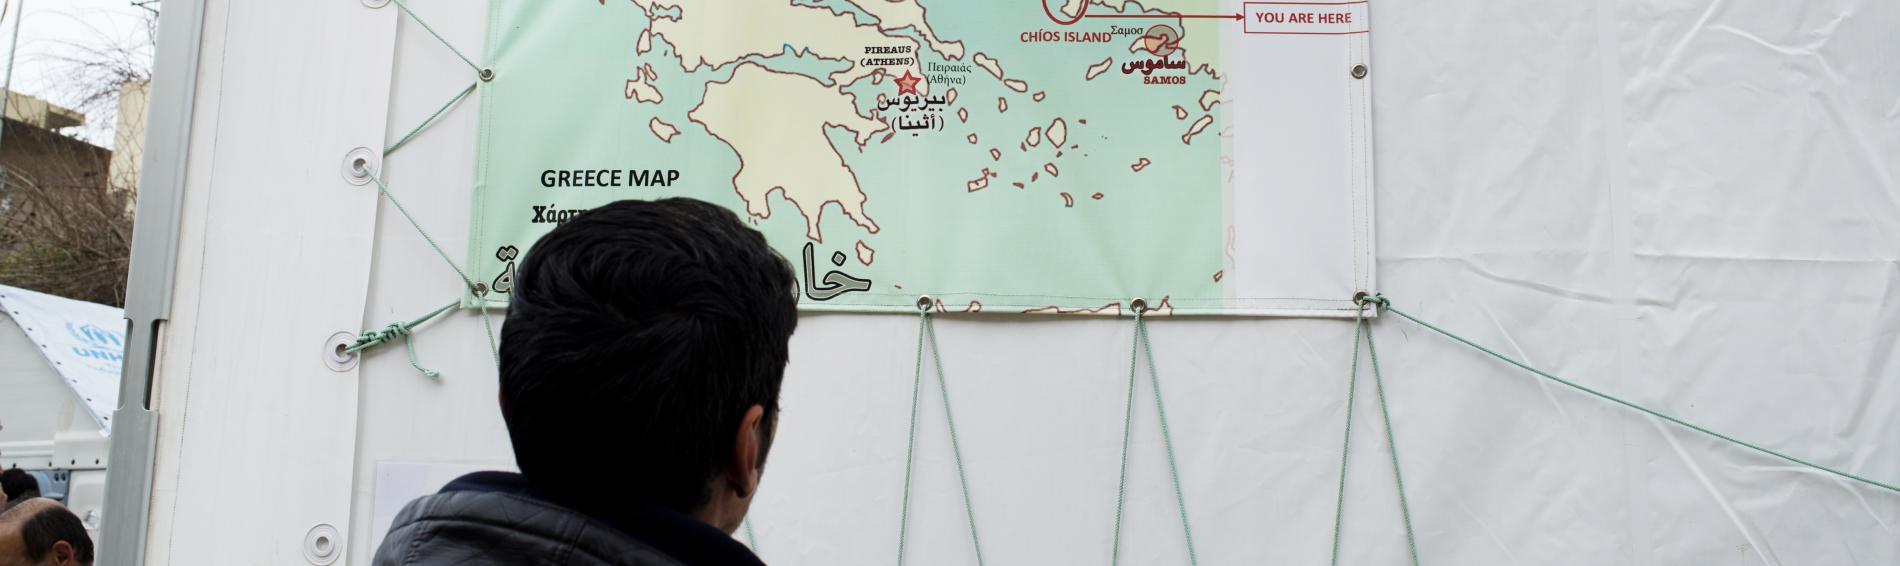 Ein Flüchtling betrachtet eine Landkarte, auf der die Insel Chios markiert ist.